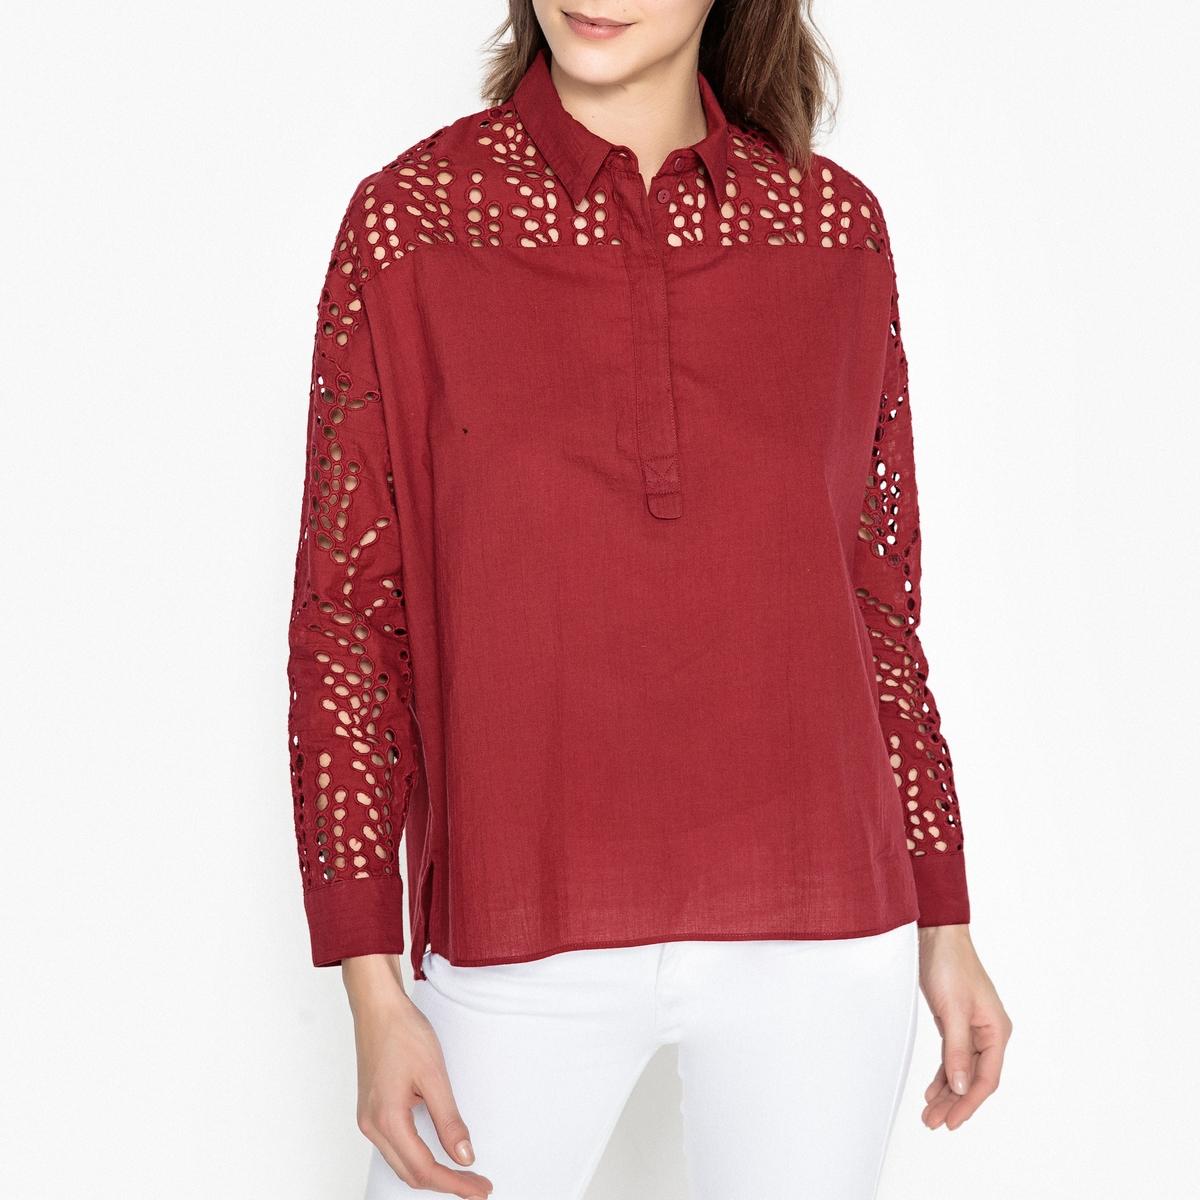 Рубашка однотонная с английской вышивкой FABILA рубашка с вышивкой